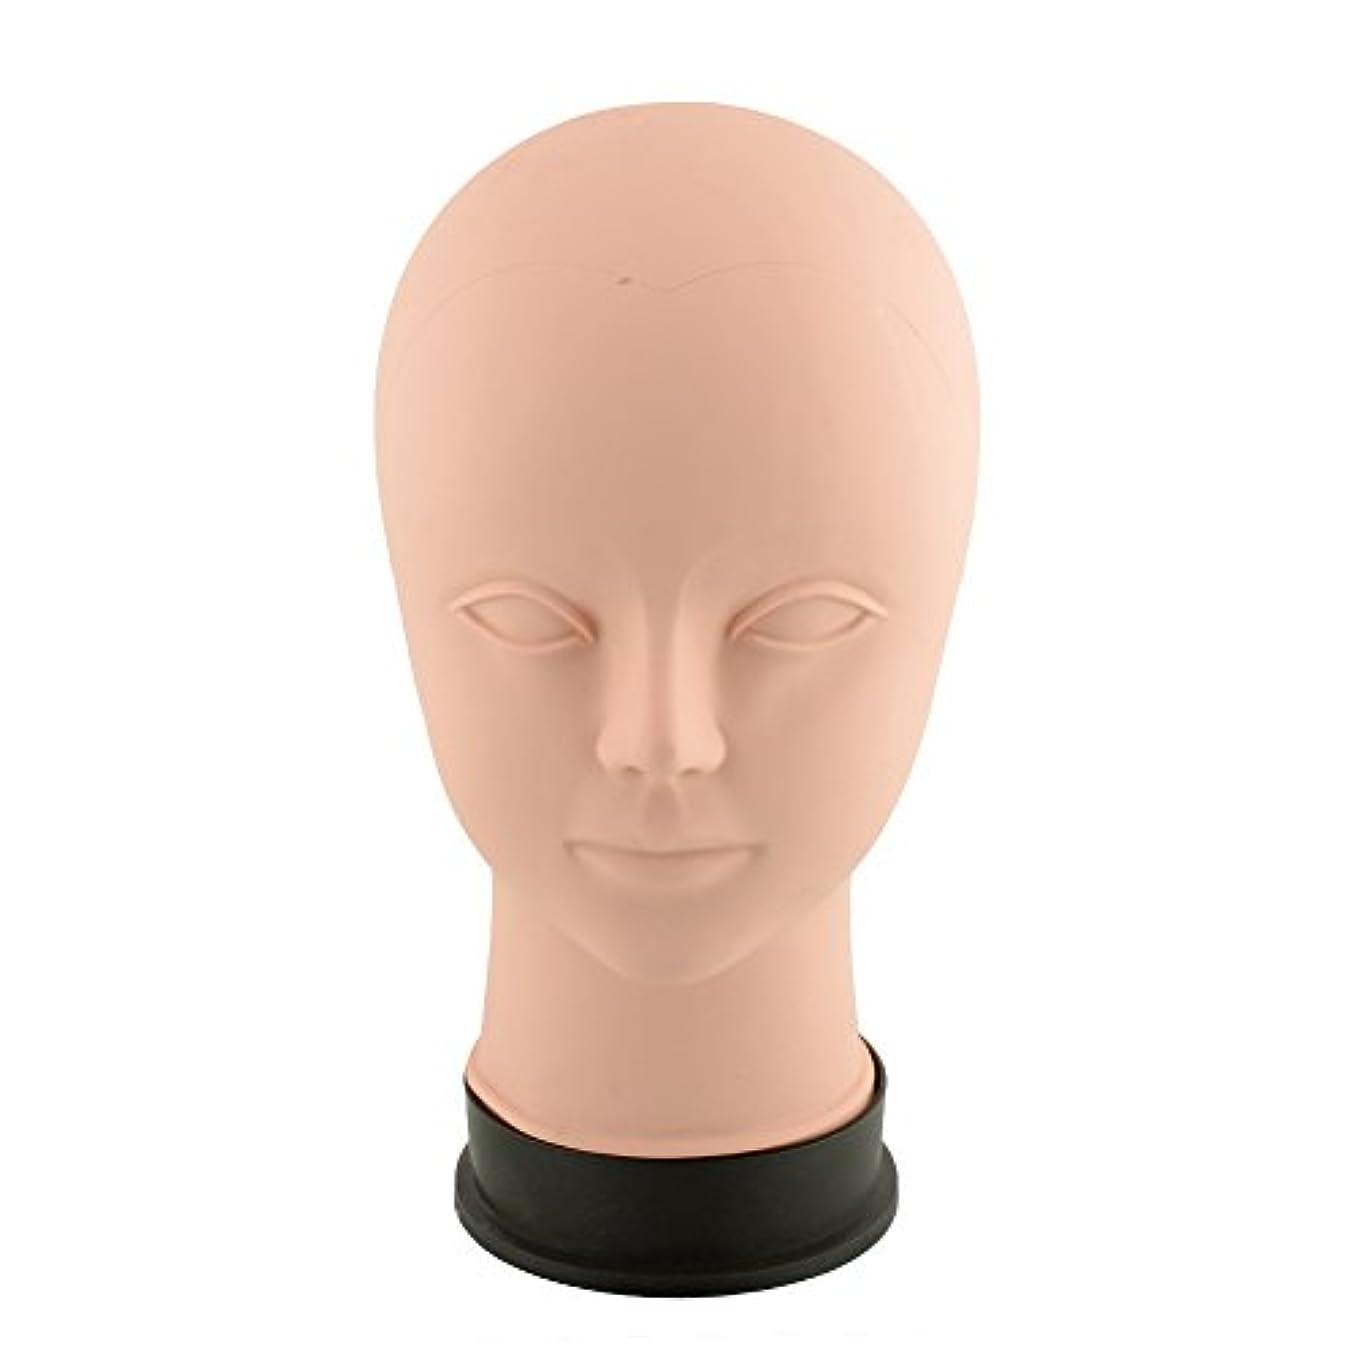 ダッシュ合法コンサートKicode ビューティートレーニング マネキンは練習をメイクアップ フラットヘッド瞳の偽まつげ マネキンマネキンヘッド